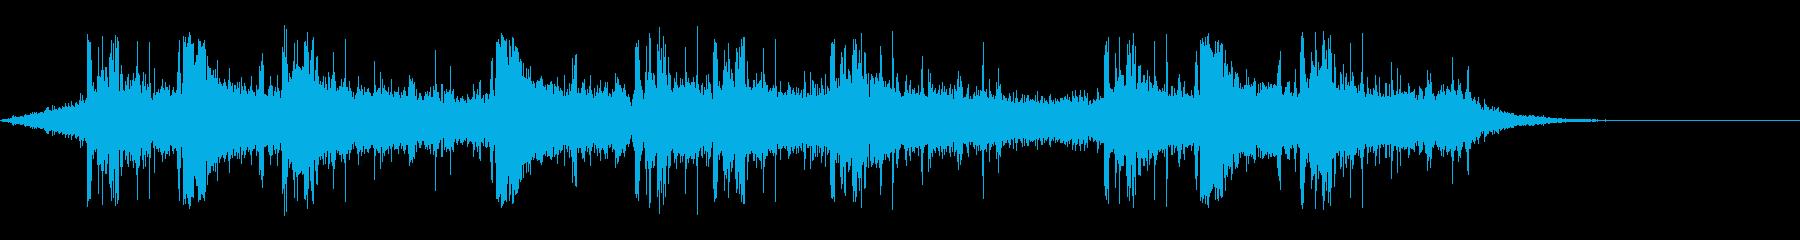 雨の音(雷あり)_雨模様の再生済みの波形